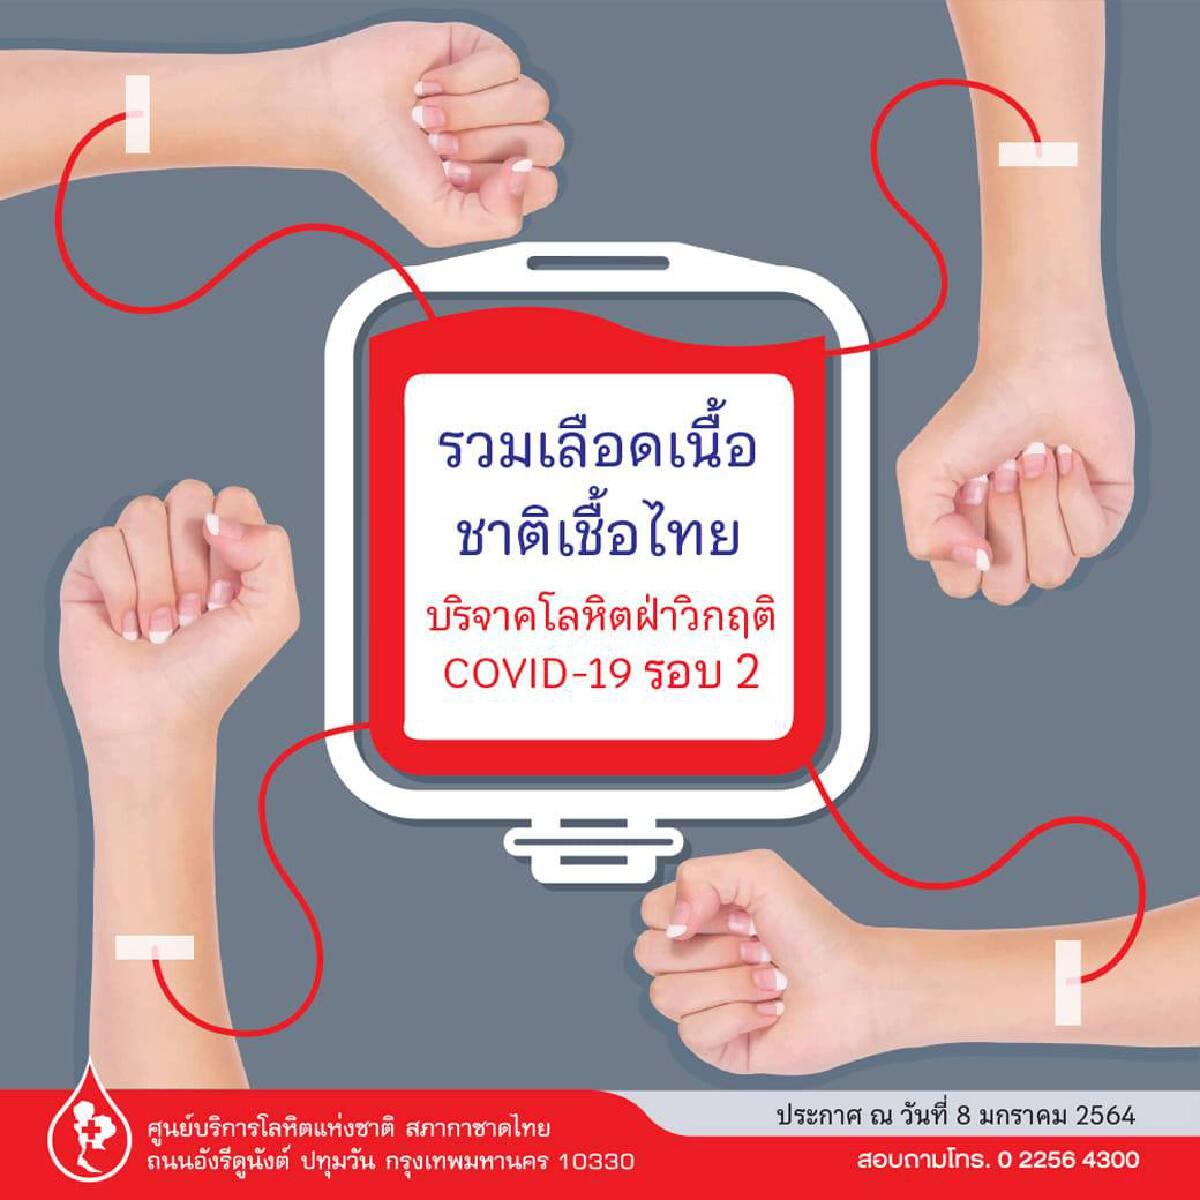 กาชาด เลือดไม่พอจ่าย! วอนช่วยผู้ป่วย รพ.ทั่วประเทศขาดเลือดขั้นวิกฤติ